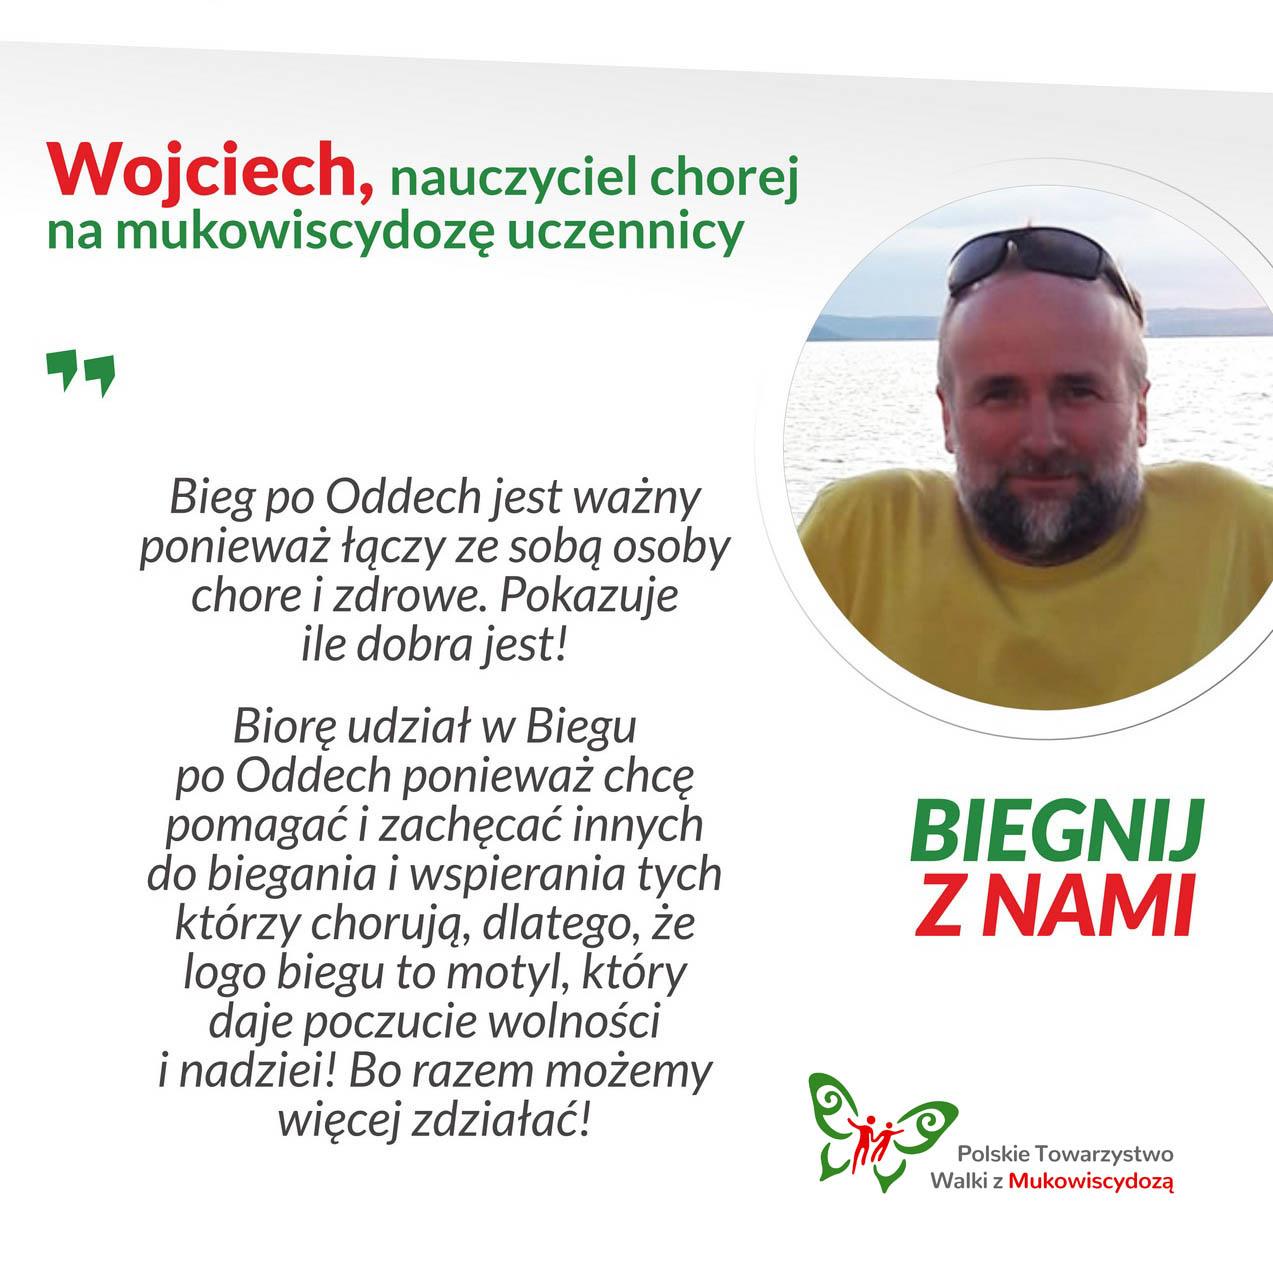 Wojciech, nauczyciel